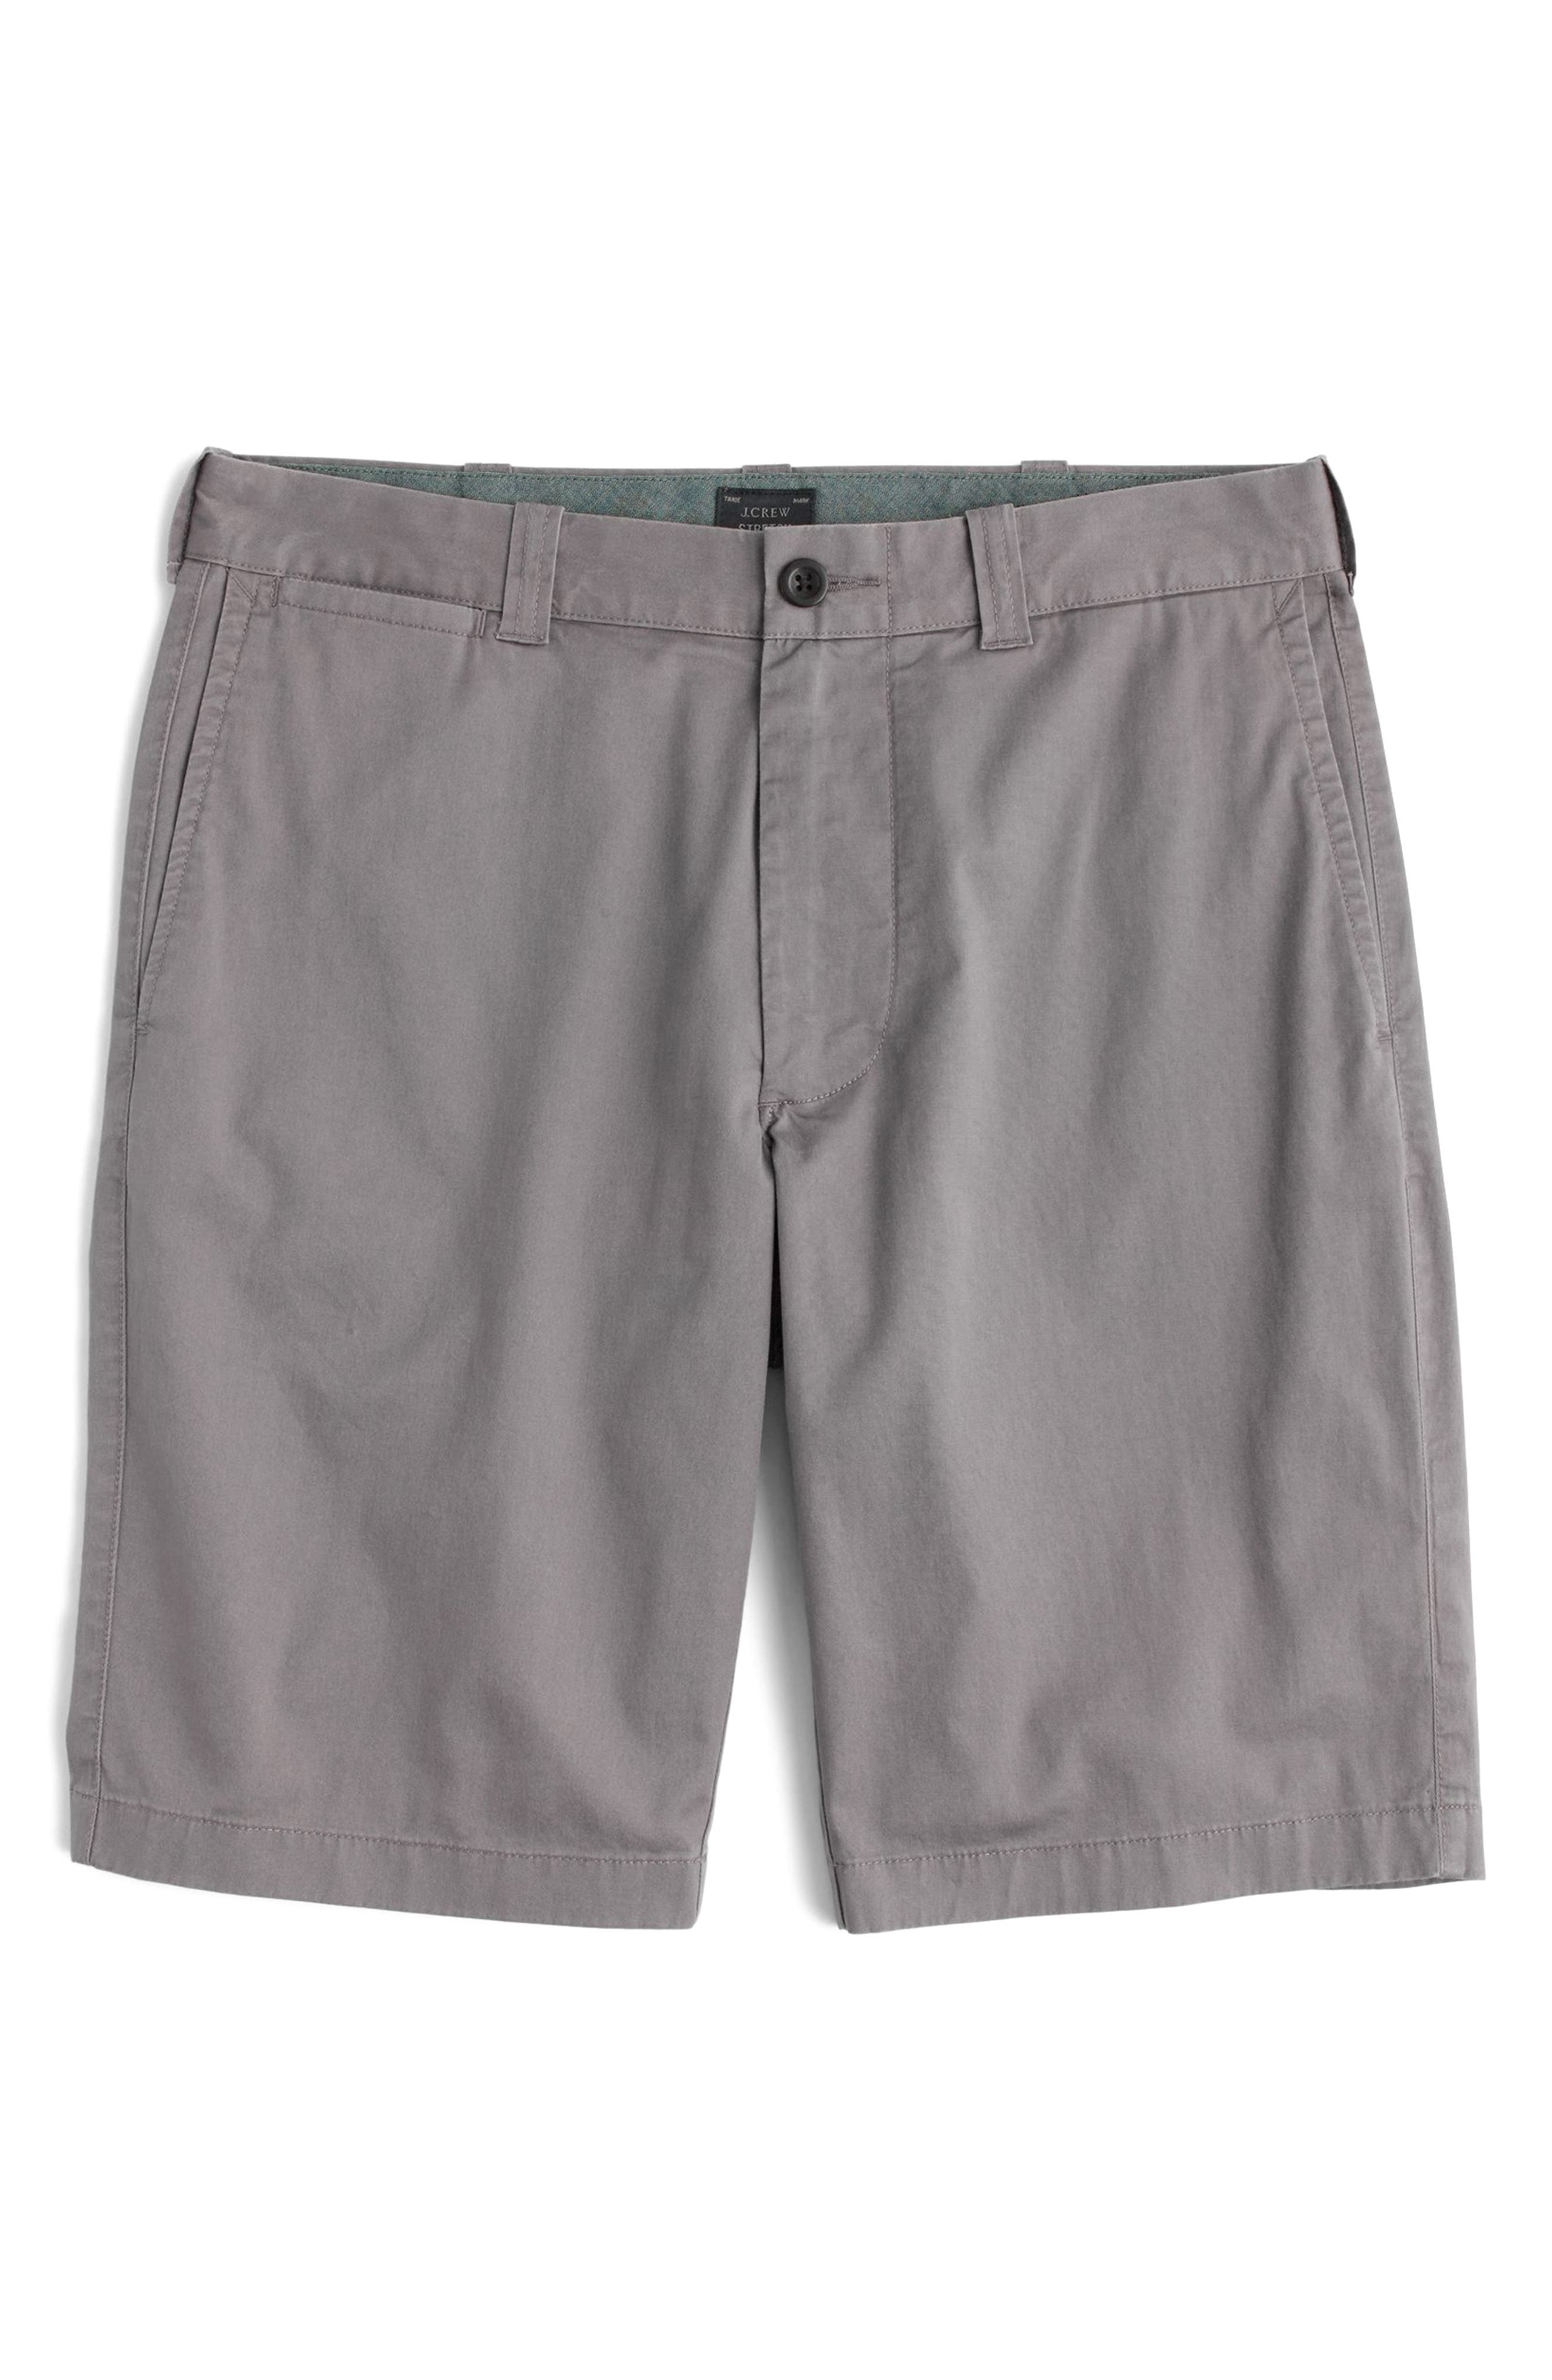 Stretch Shorts,                             Main thumbnail 1, color,                             020